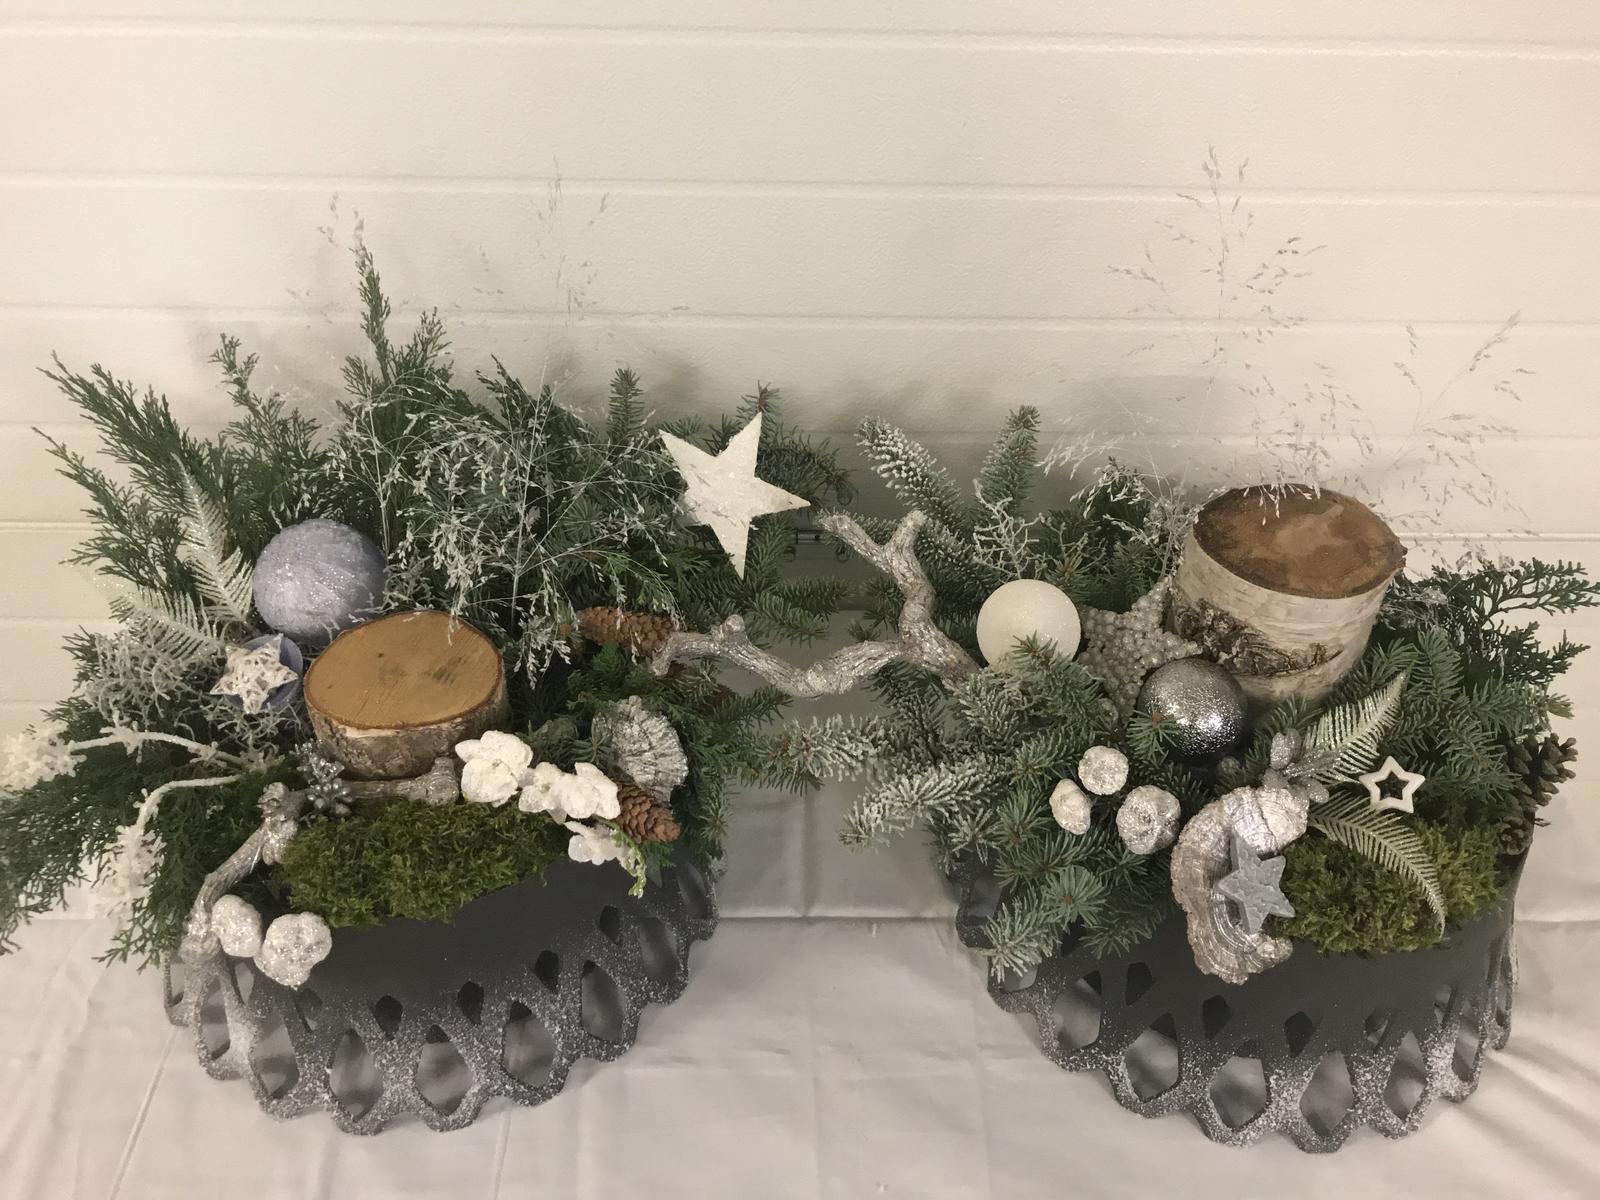 Než začne advent - Vánoce 2018 - Obrázek č. 23